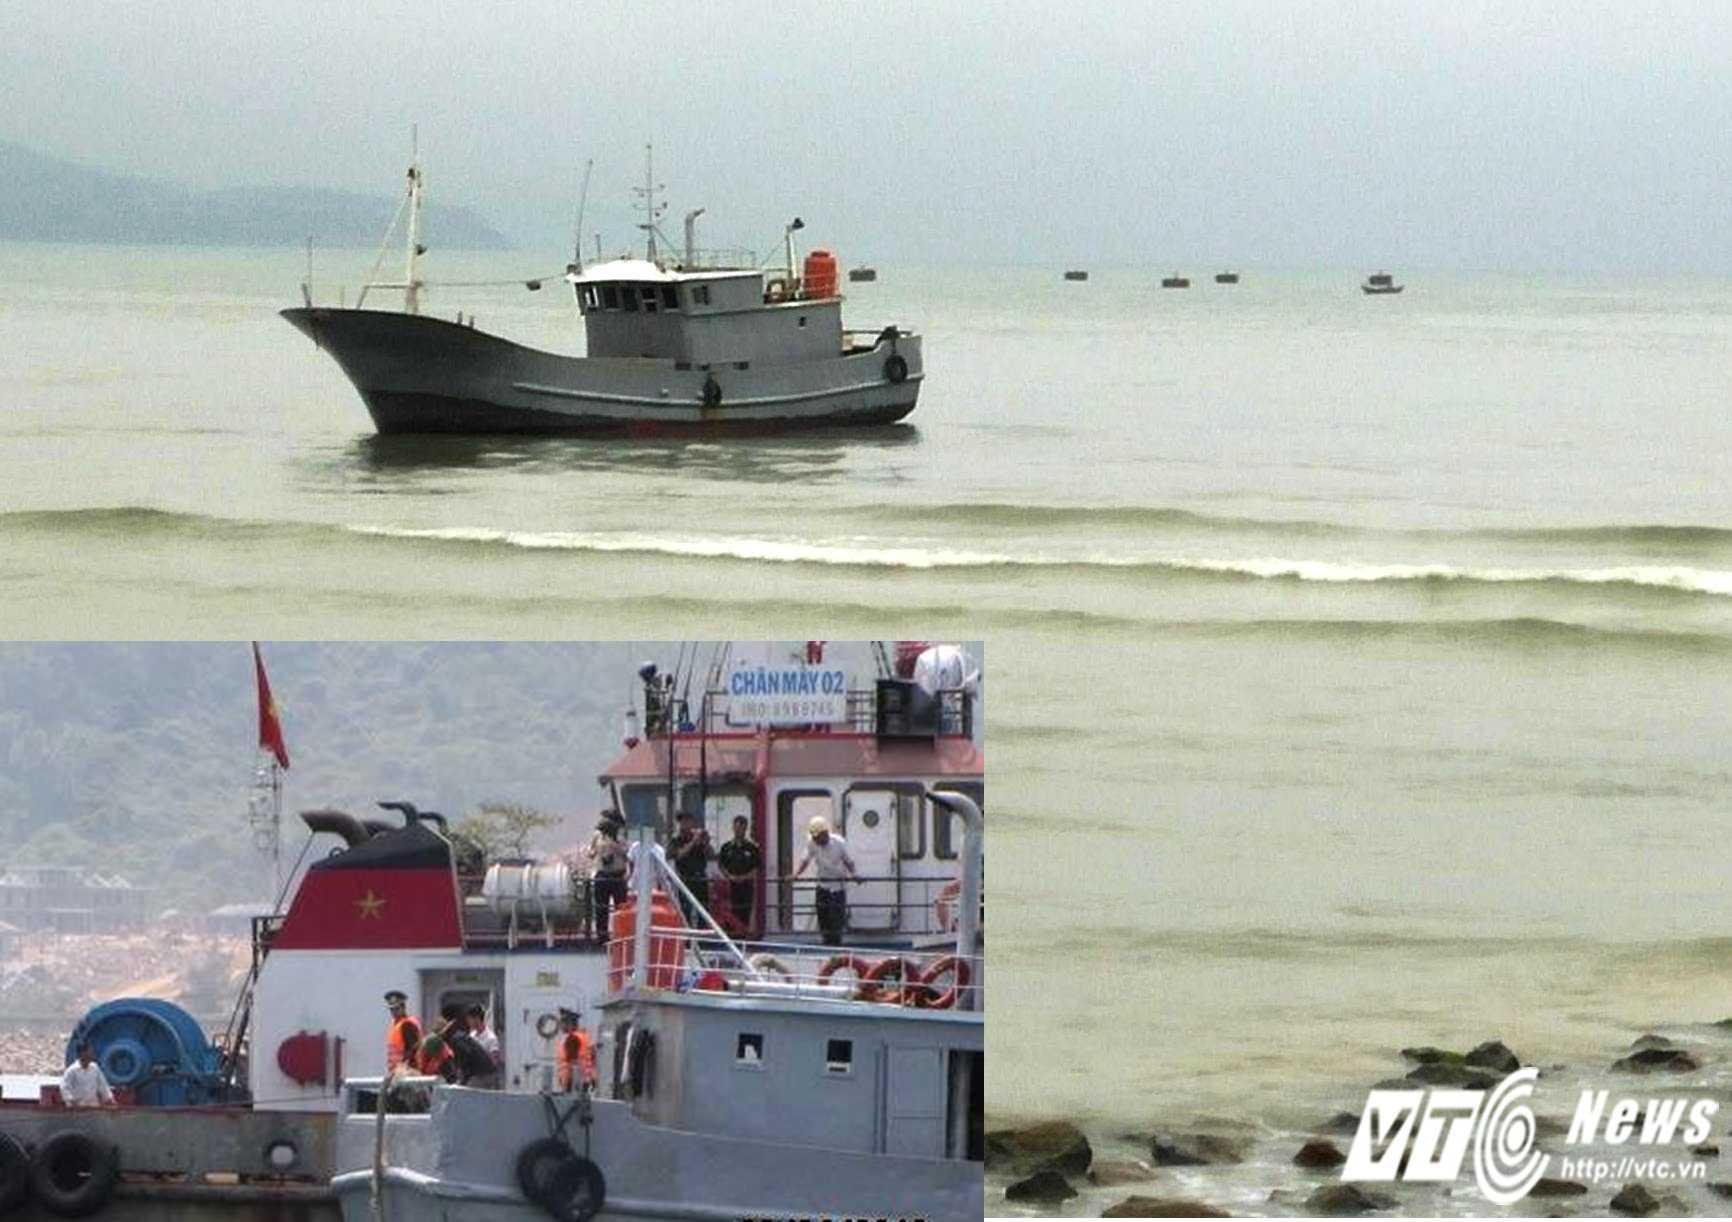 Lực lượng chức năng cứu hộ thành công chiếc tàu cá Trung Quốc đi lạc và mắc cạn ở vùng cửa biển Việt Nam.